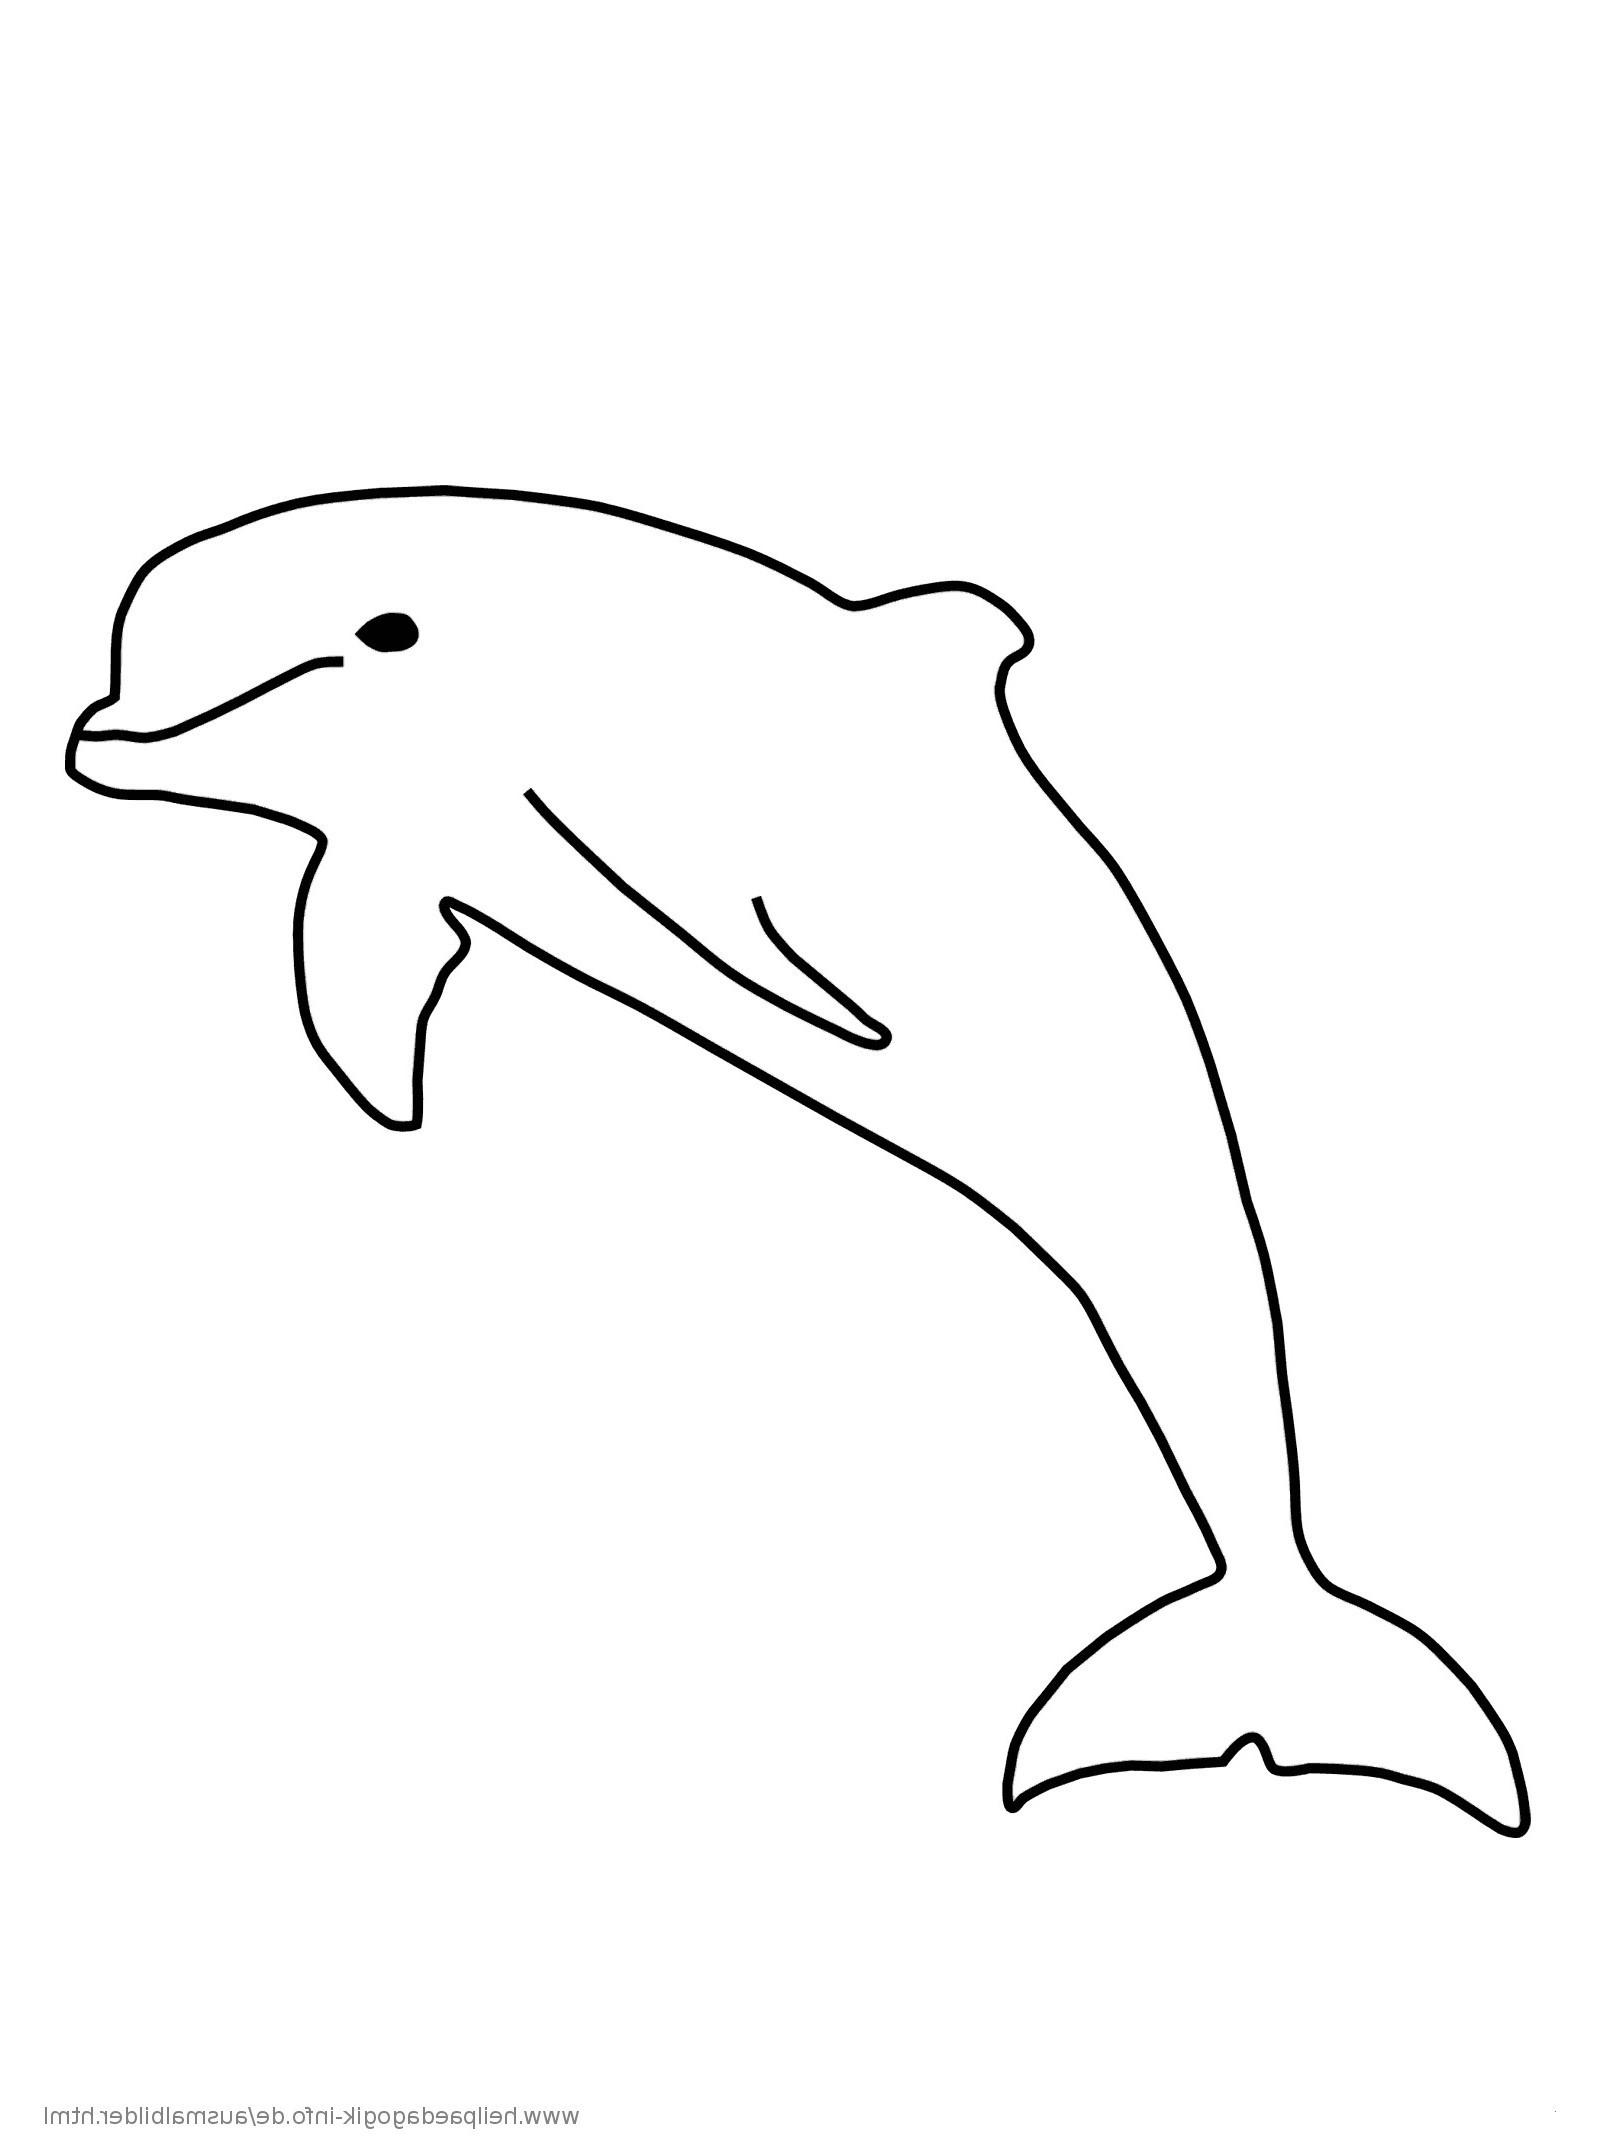 Delphin Zum Ausmalen Einzigartig 34 Einzigartig Delfin Ausmalbilder – Große Coloring Page Sammlung Fotos